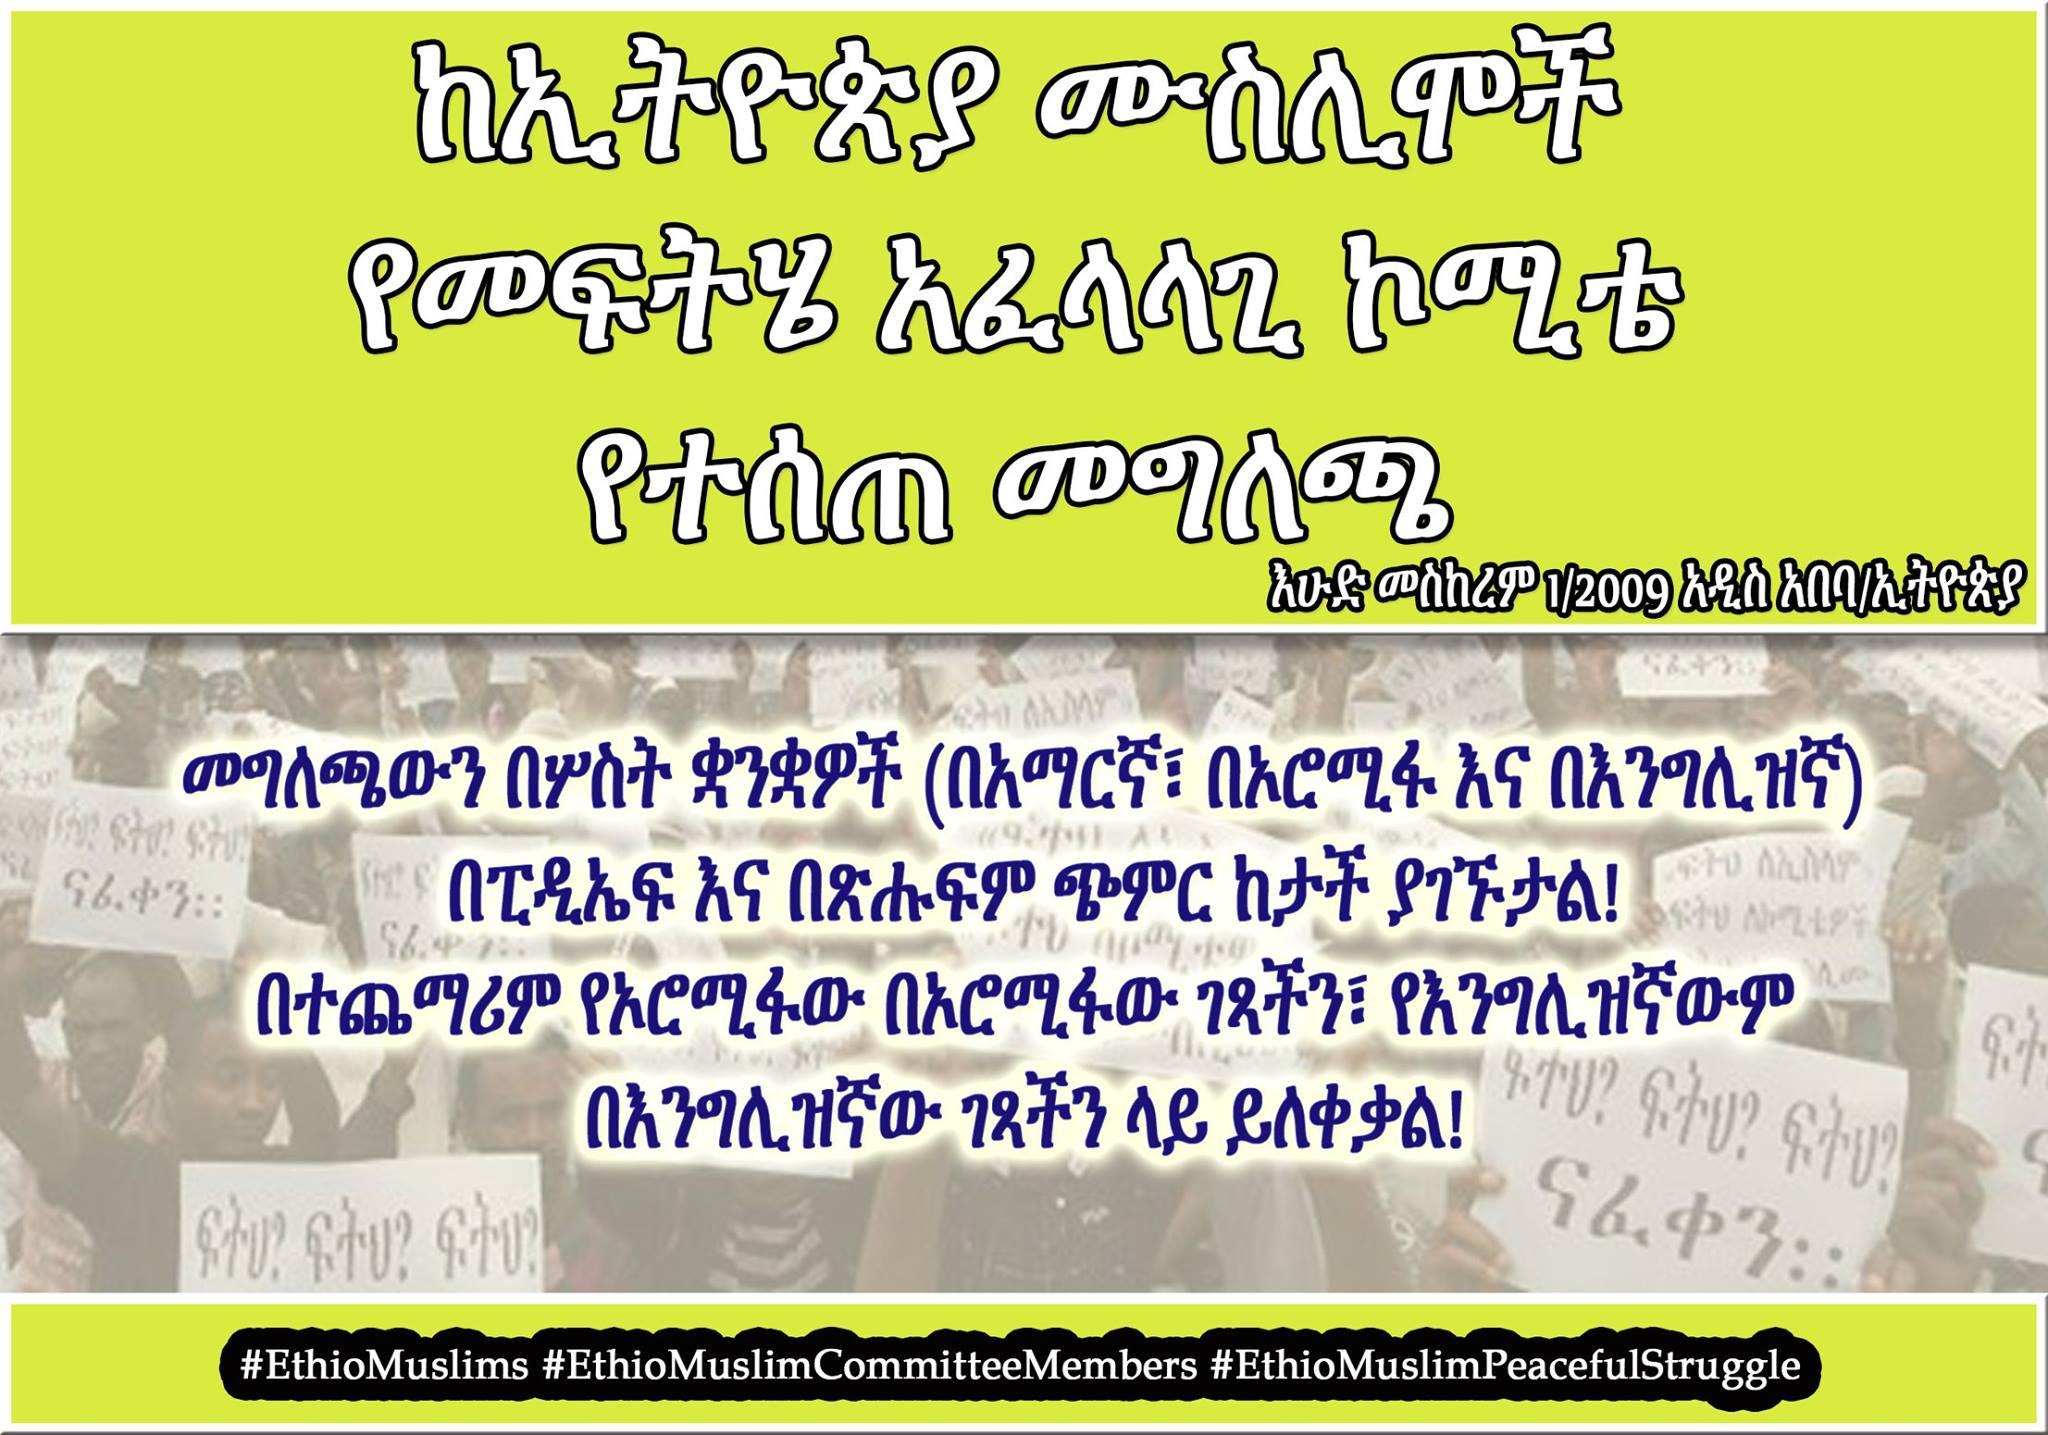 dimtsachin-yisema-press-release